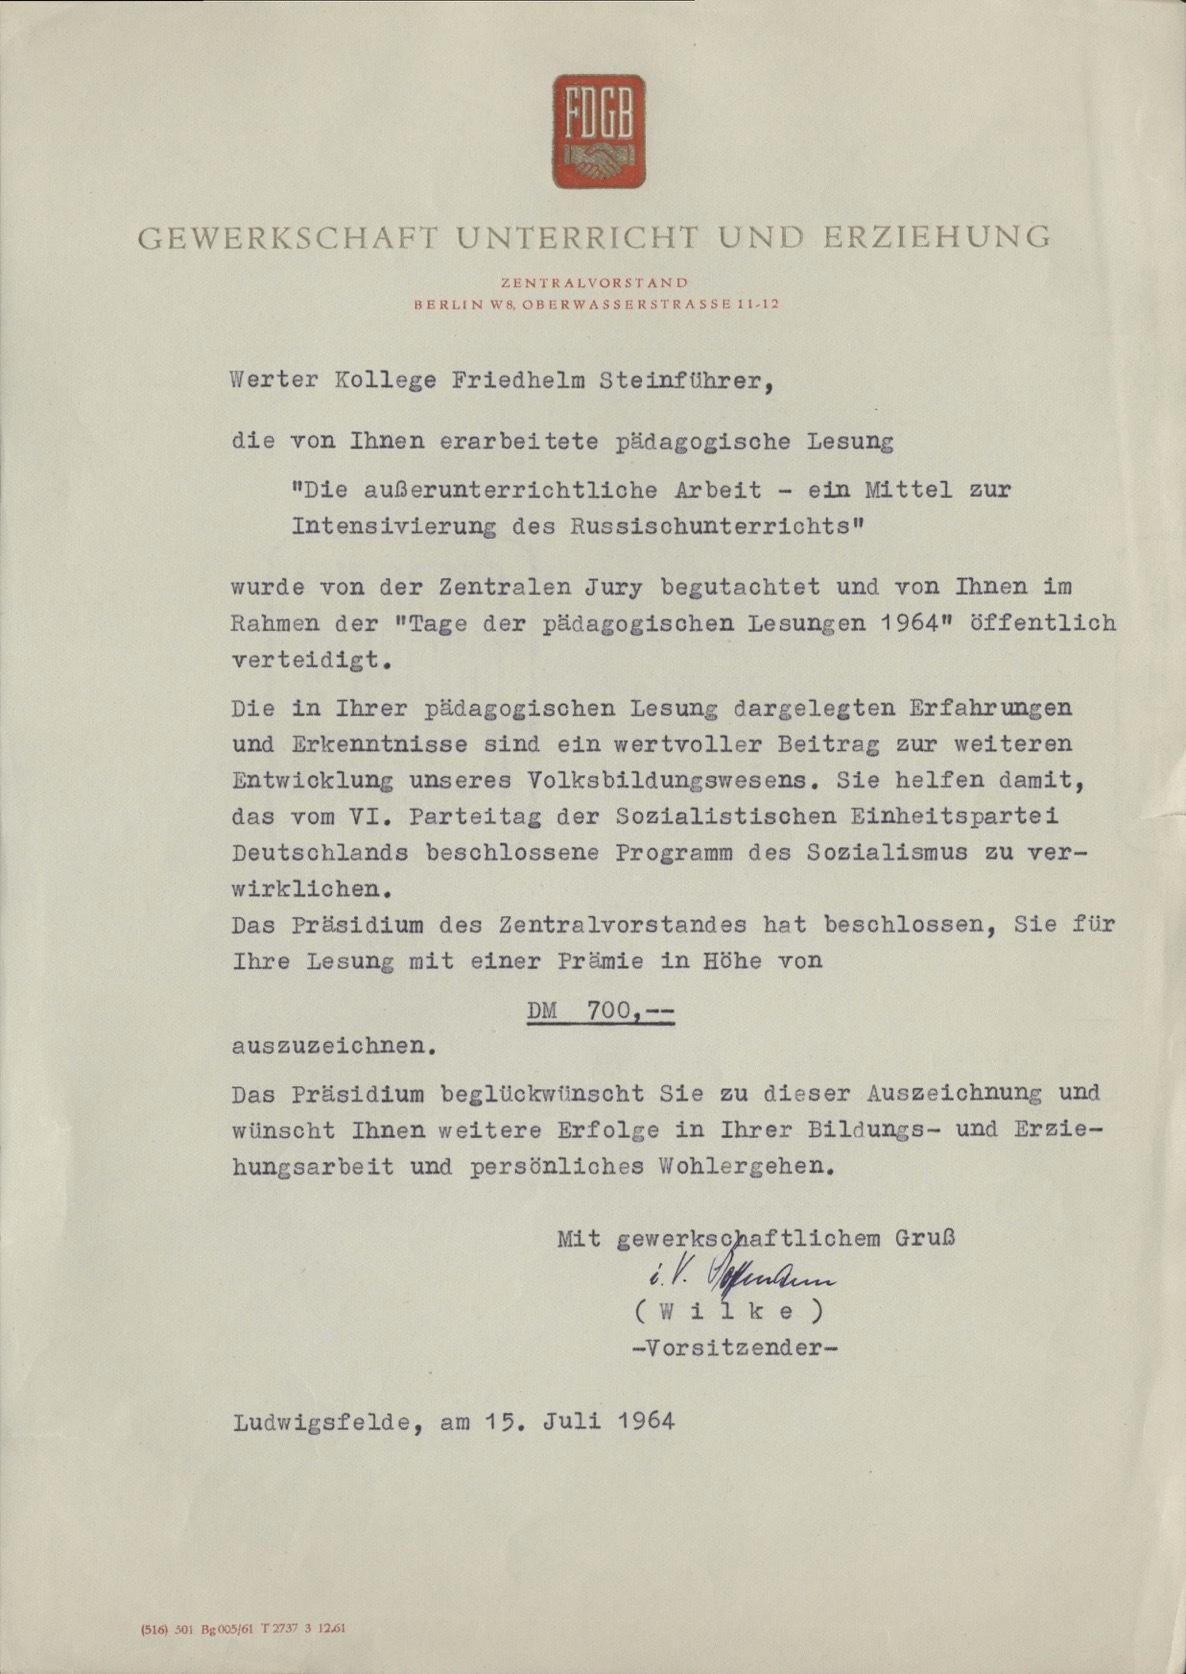 Prämie für Pädagogische Lesungen_Steinführer.jpg